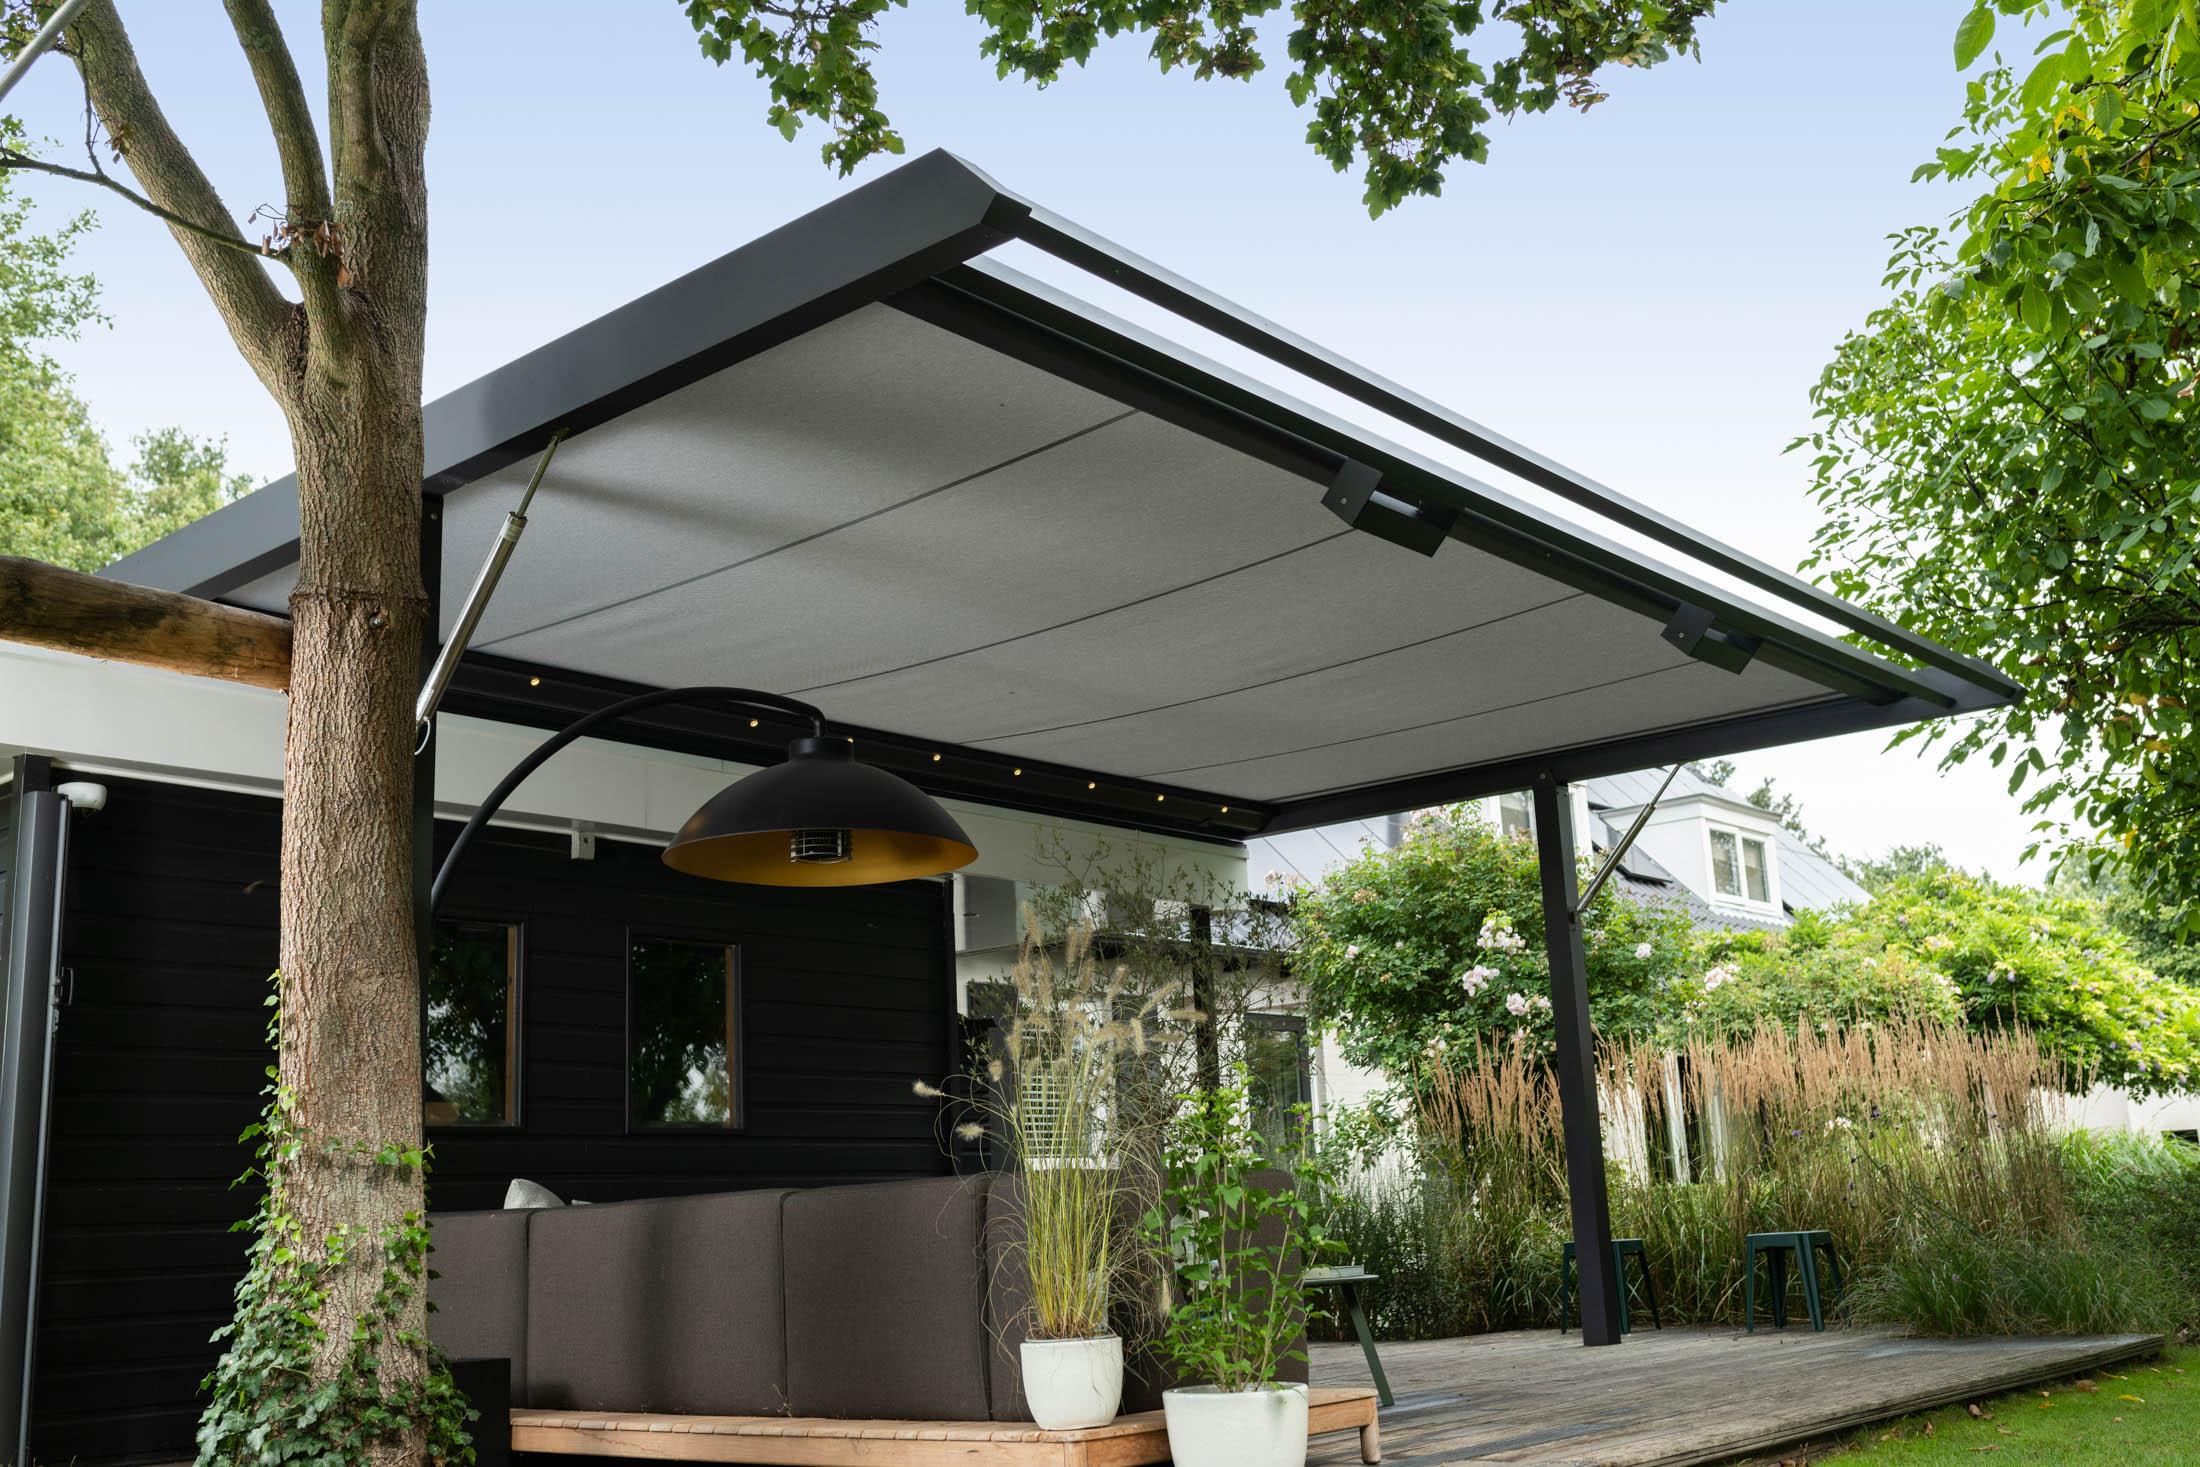 Buitenkamer project in Oisterwijk